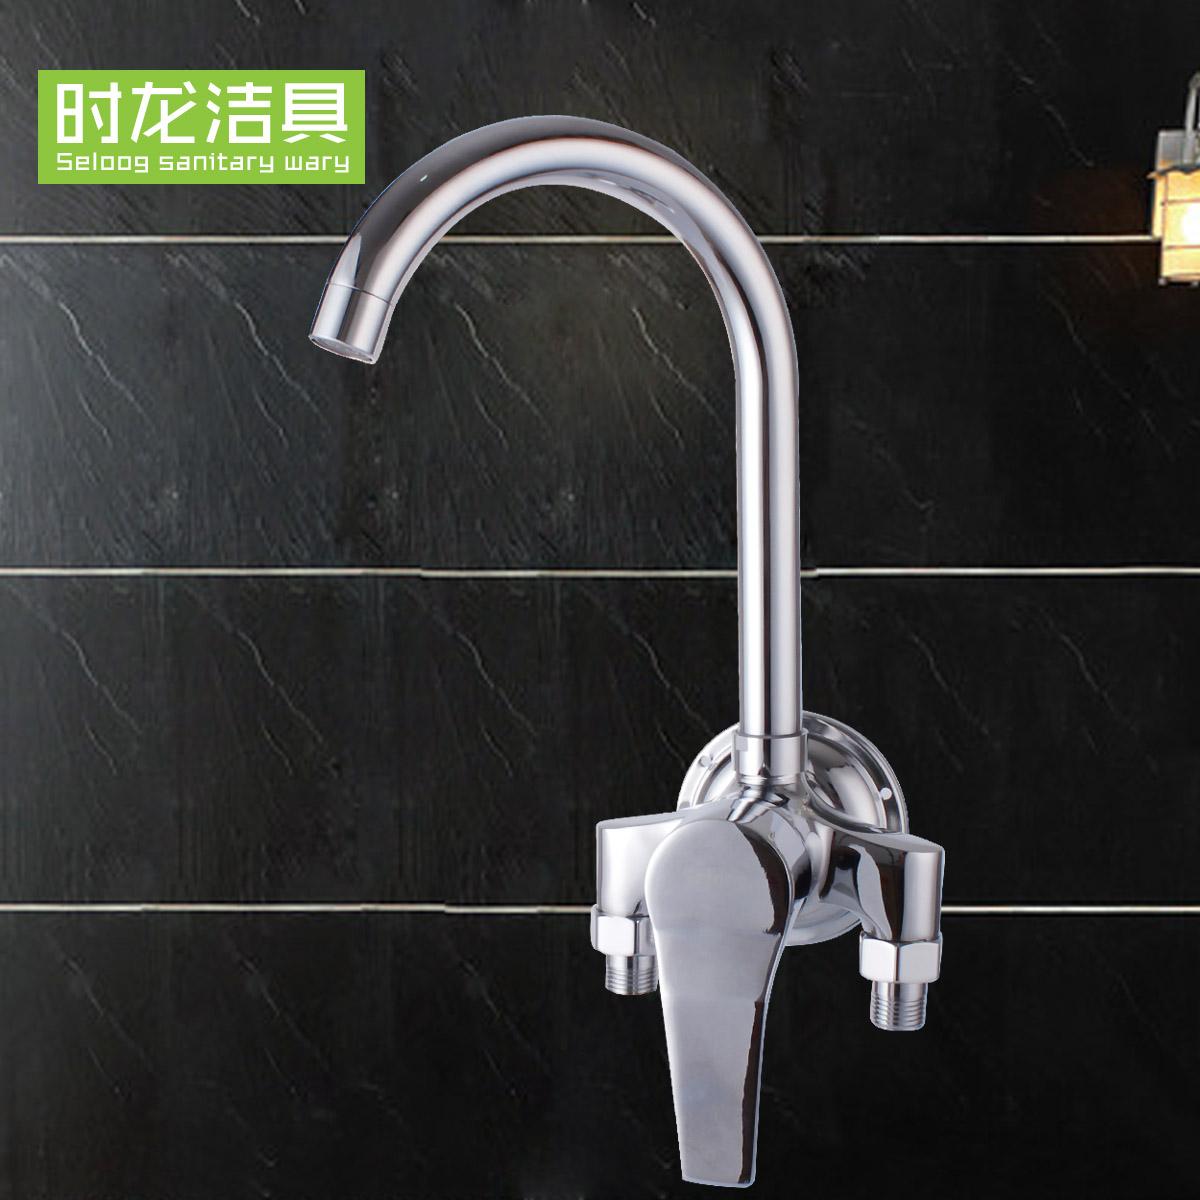 时龙全铜冷热洗菜盆水龙头S220006-1